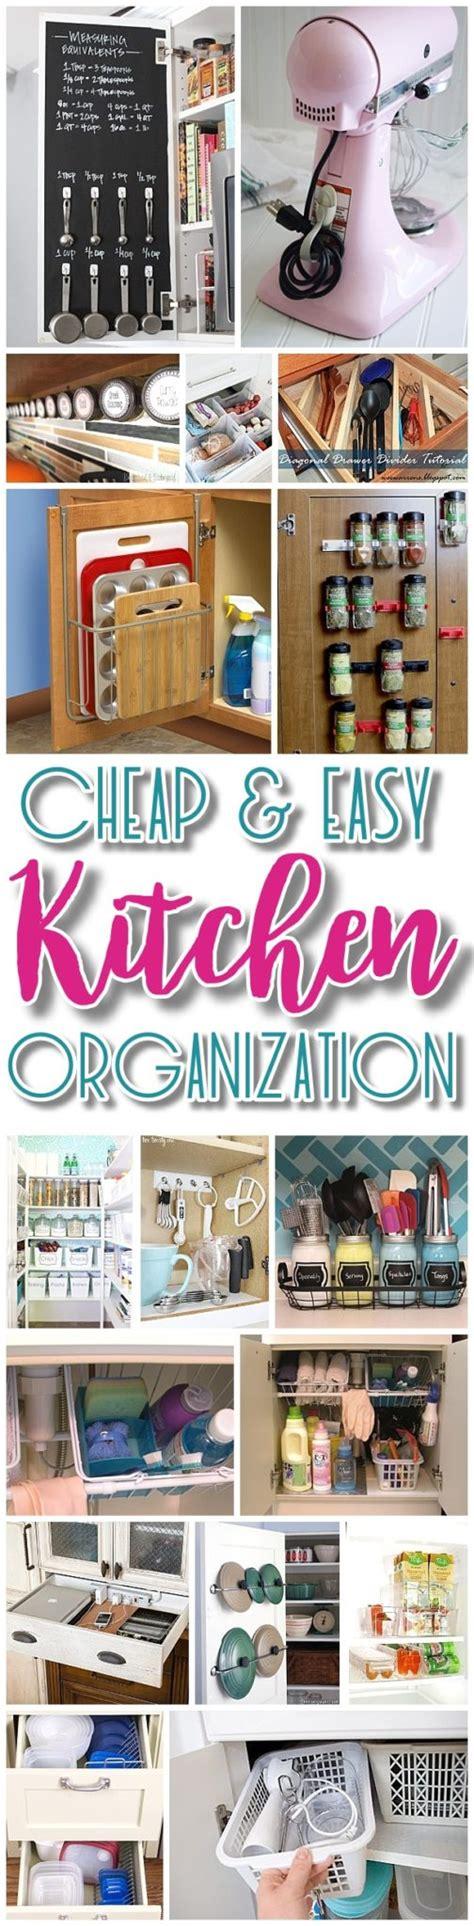 kitchen organization ideas budget easy budget friendly ways to organize your kitchen